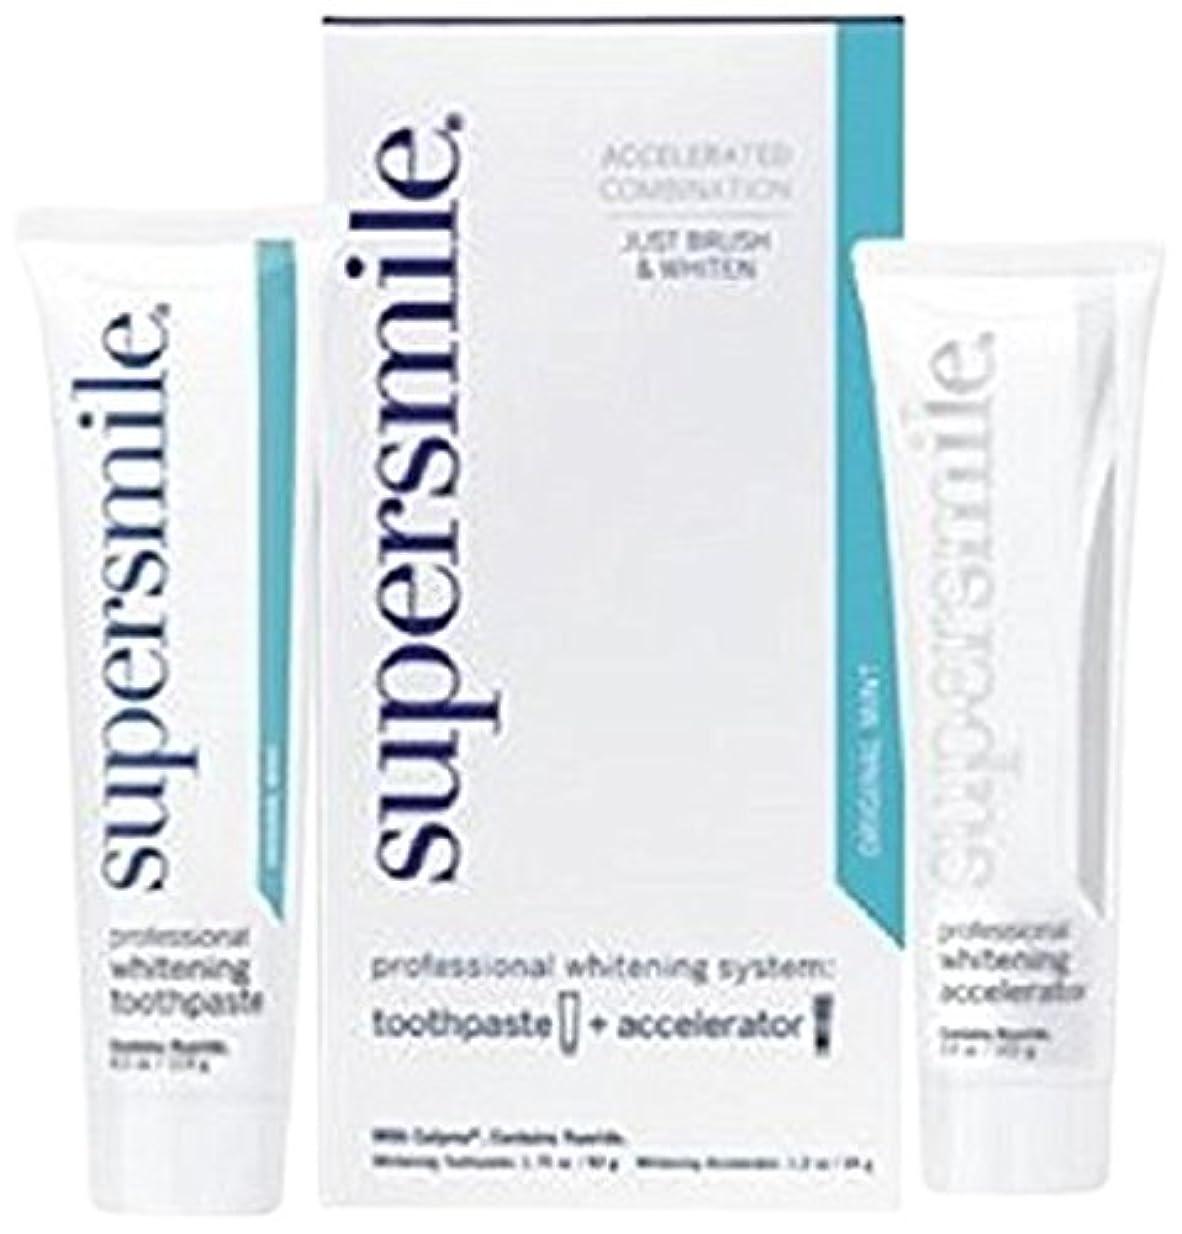 海岸鉱夫死んでいるSupersmile Professional Whitening System: Toothpaste 50g/1.75oz + Accelerator 34g/1.2oz - 2pcs by SuperSmile